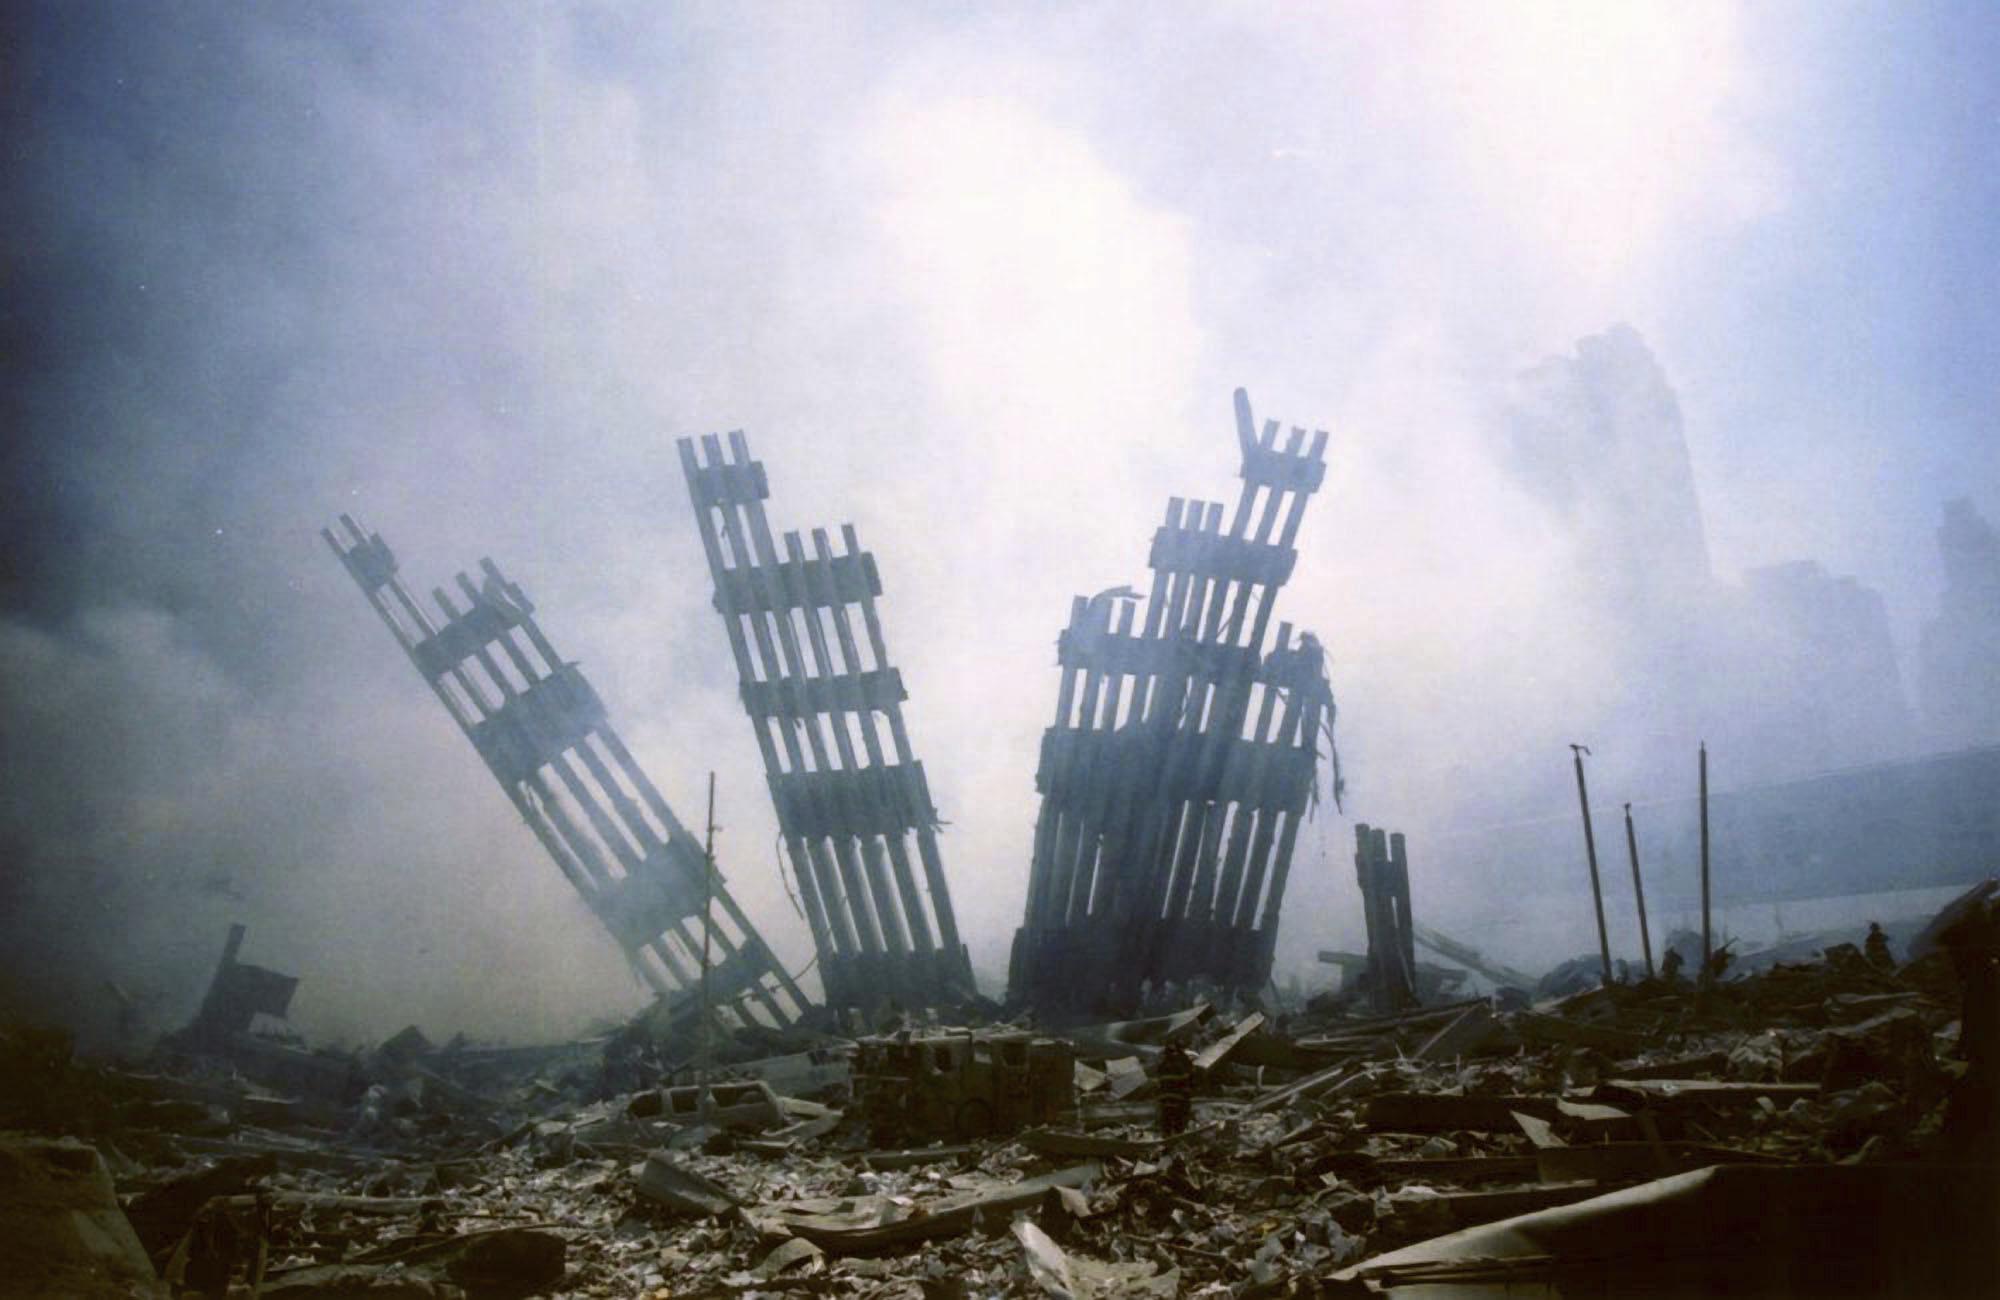 """20 năm sau vụ khủng bố 11/9 rúng động: """"Tôi nhớ..."""" - Ảnh 1."""